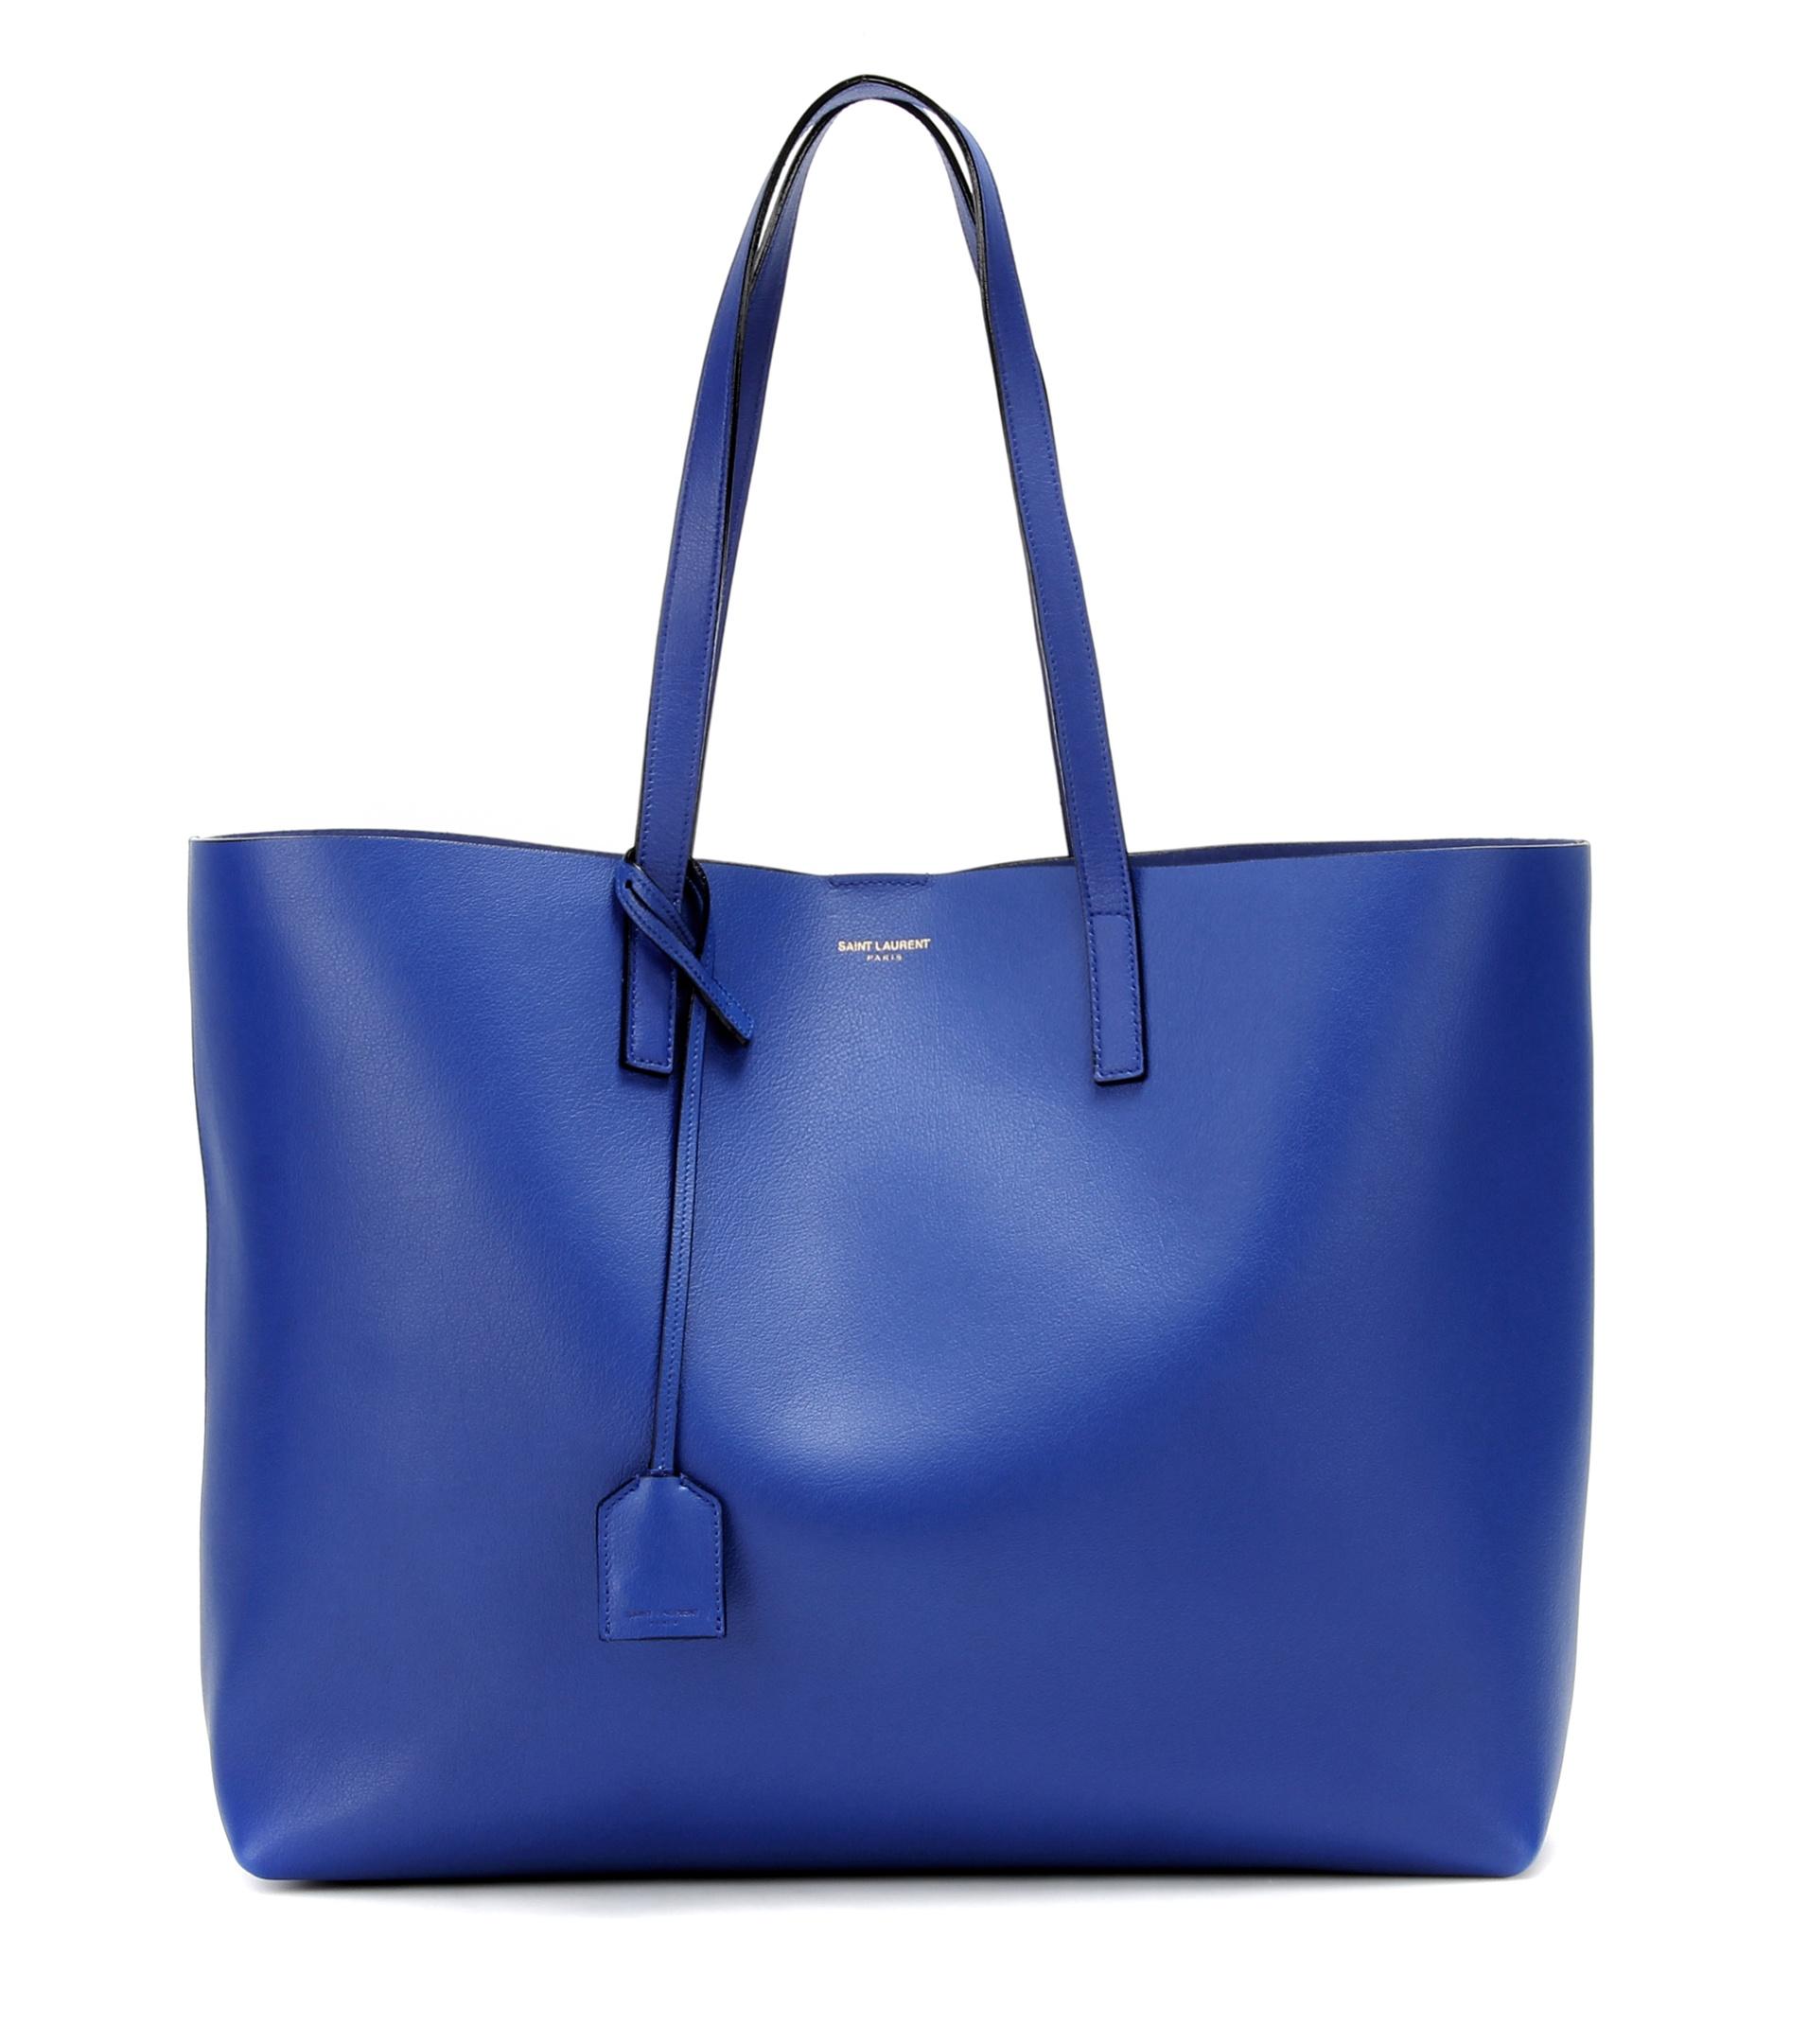 saint laurent leather shopper in blue lyst. Black Bedroom Furniture Sets. Home Design Ideas